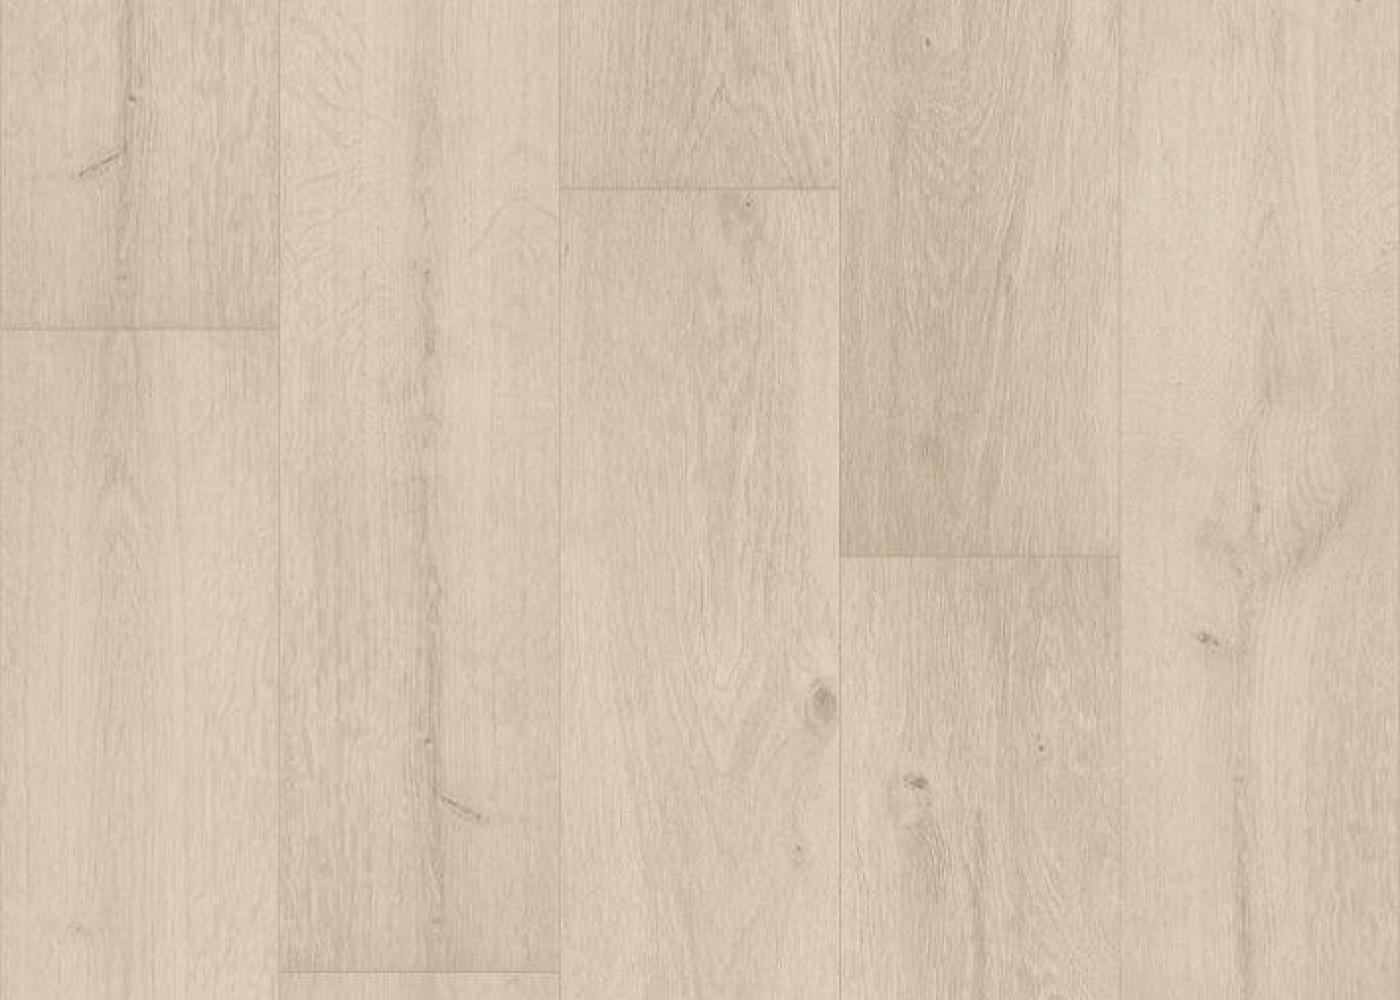 Vinyle rigide Chêne Coconut G4 passage résidentiel 4.5x178x1219